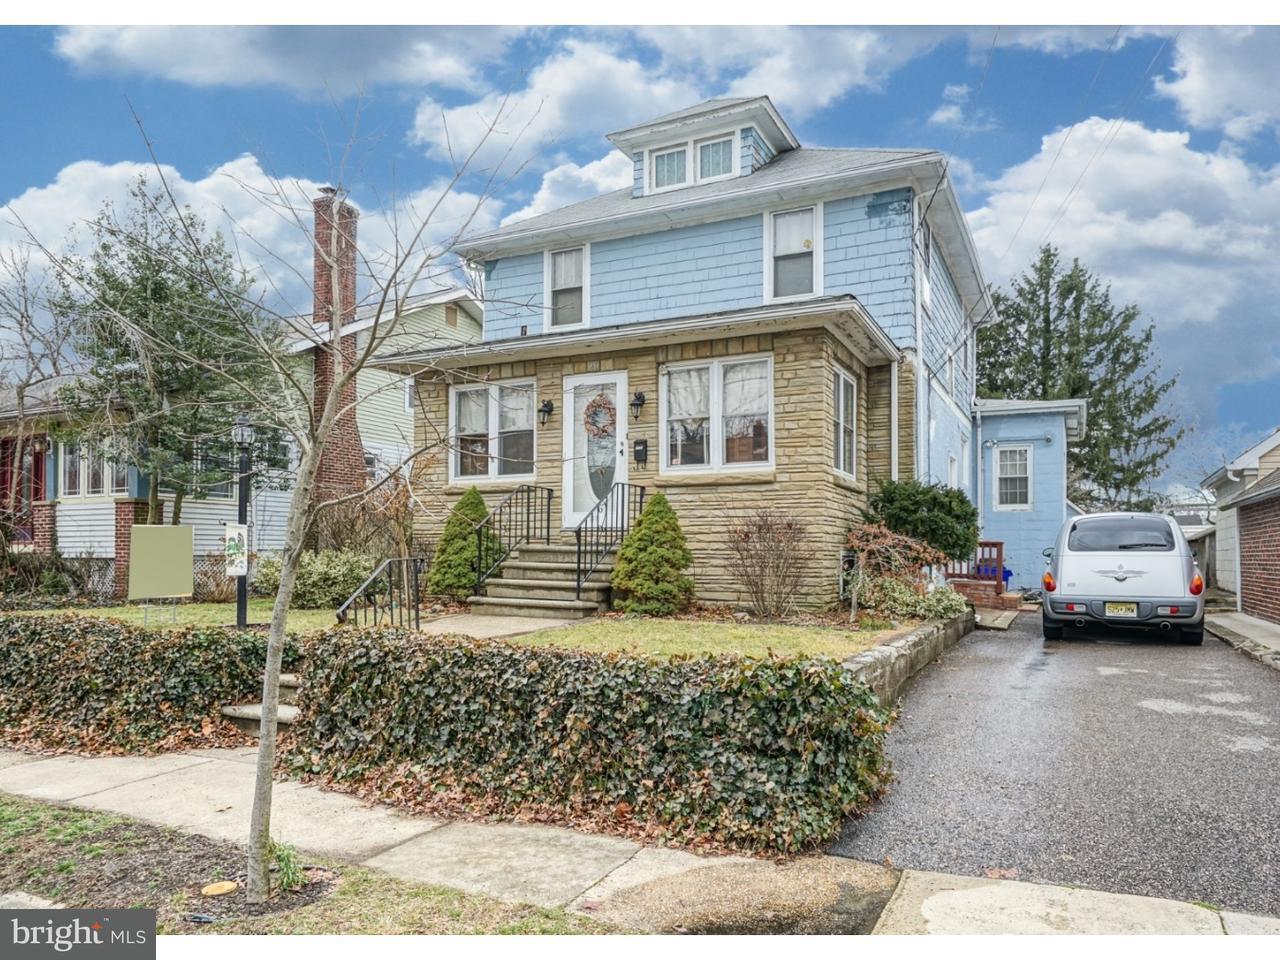 独户住宅 为 销售 在 113 SPRING Street Woodbury, 新泽西州 08096 美国